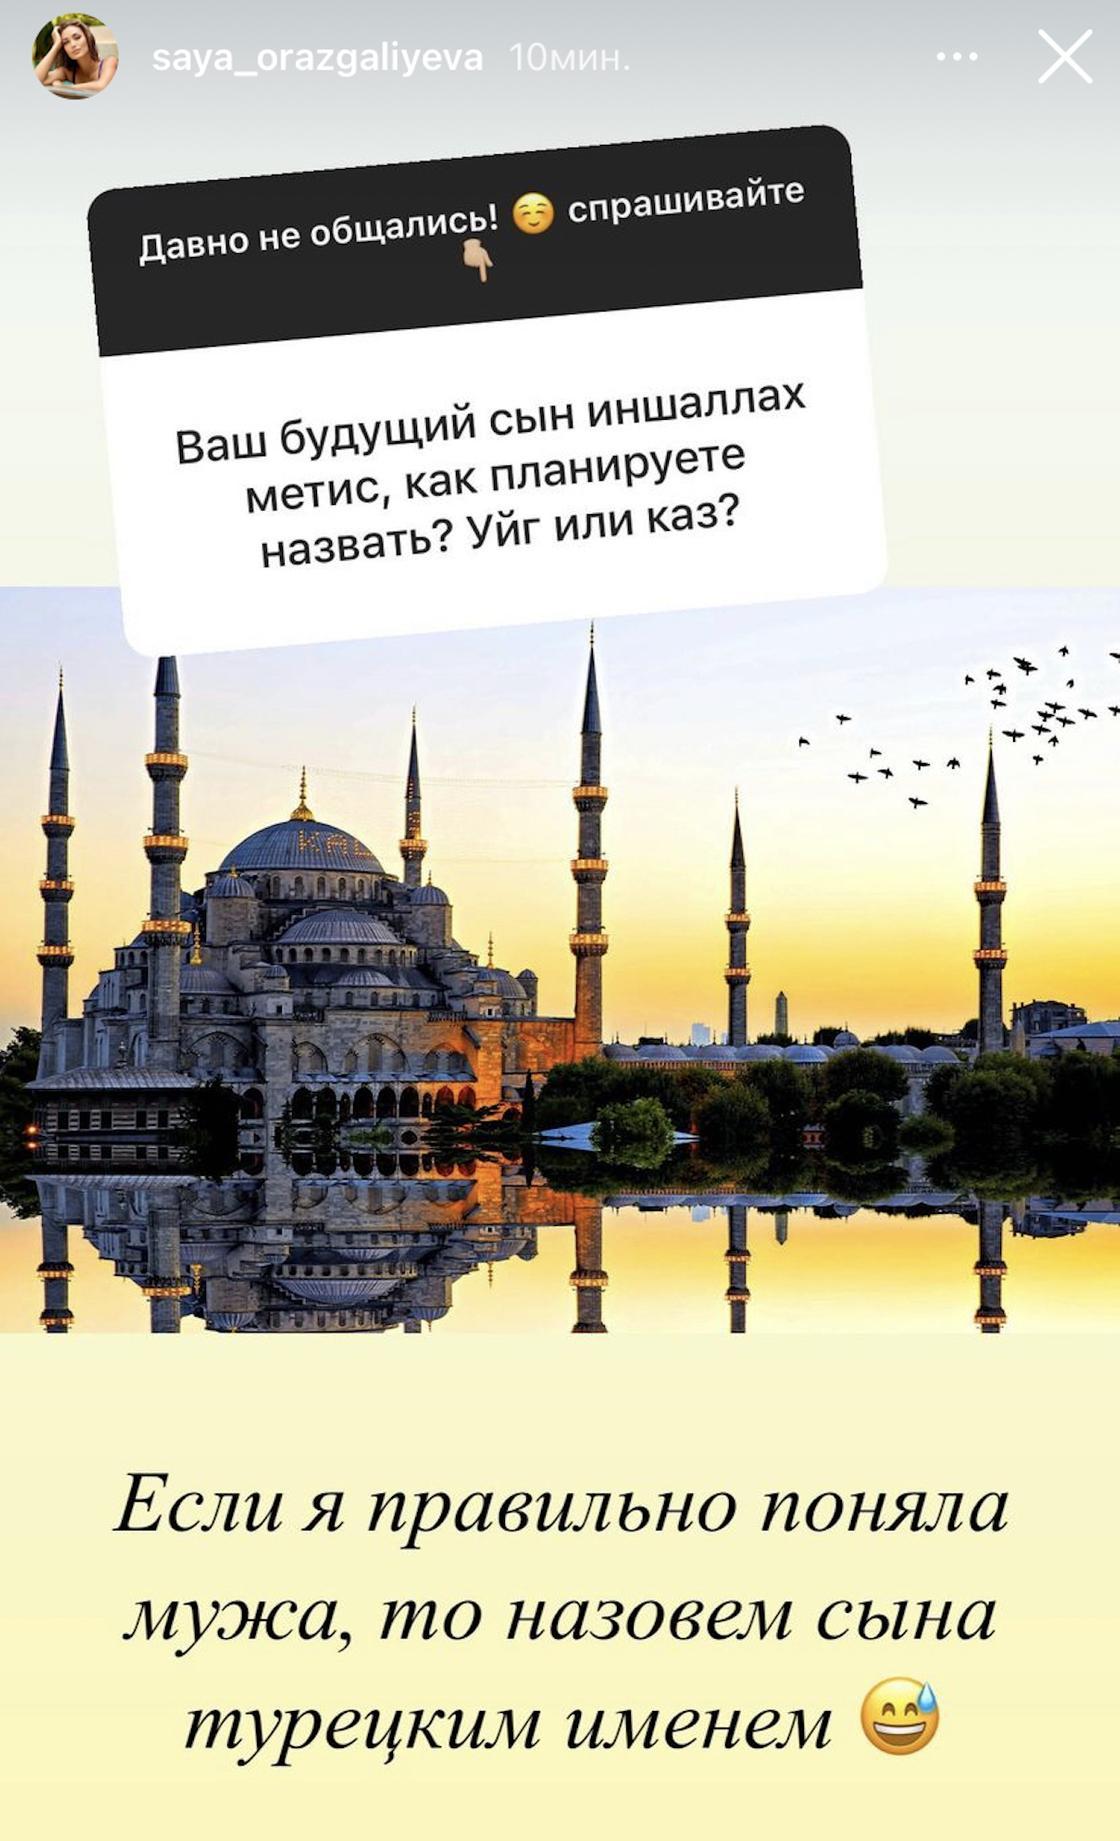 Сторис Саи Иминовой